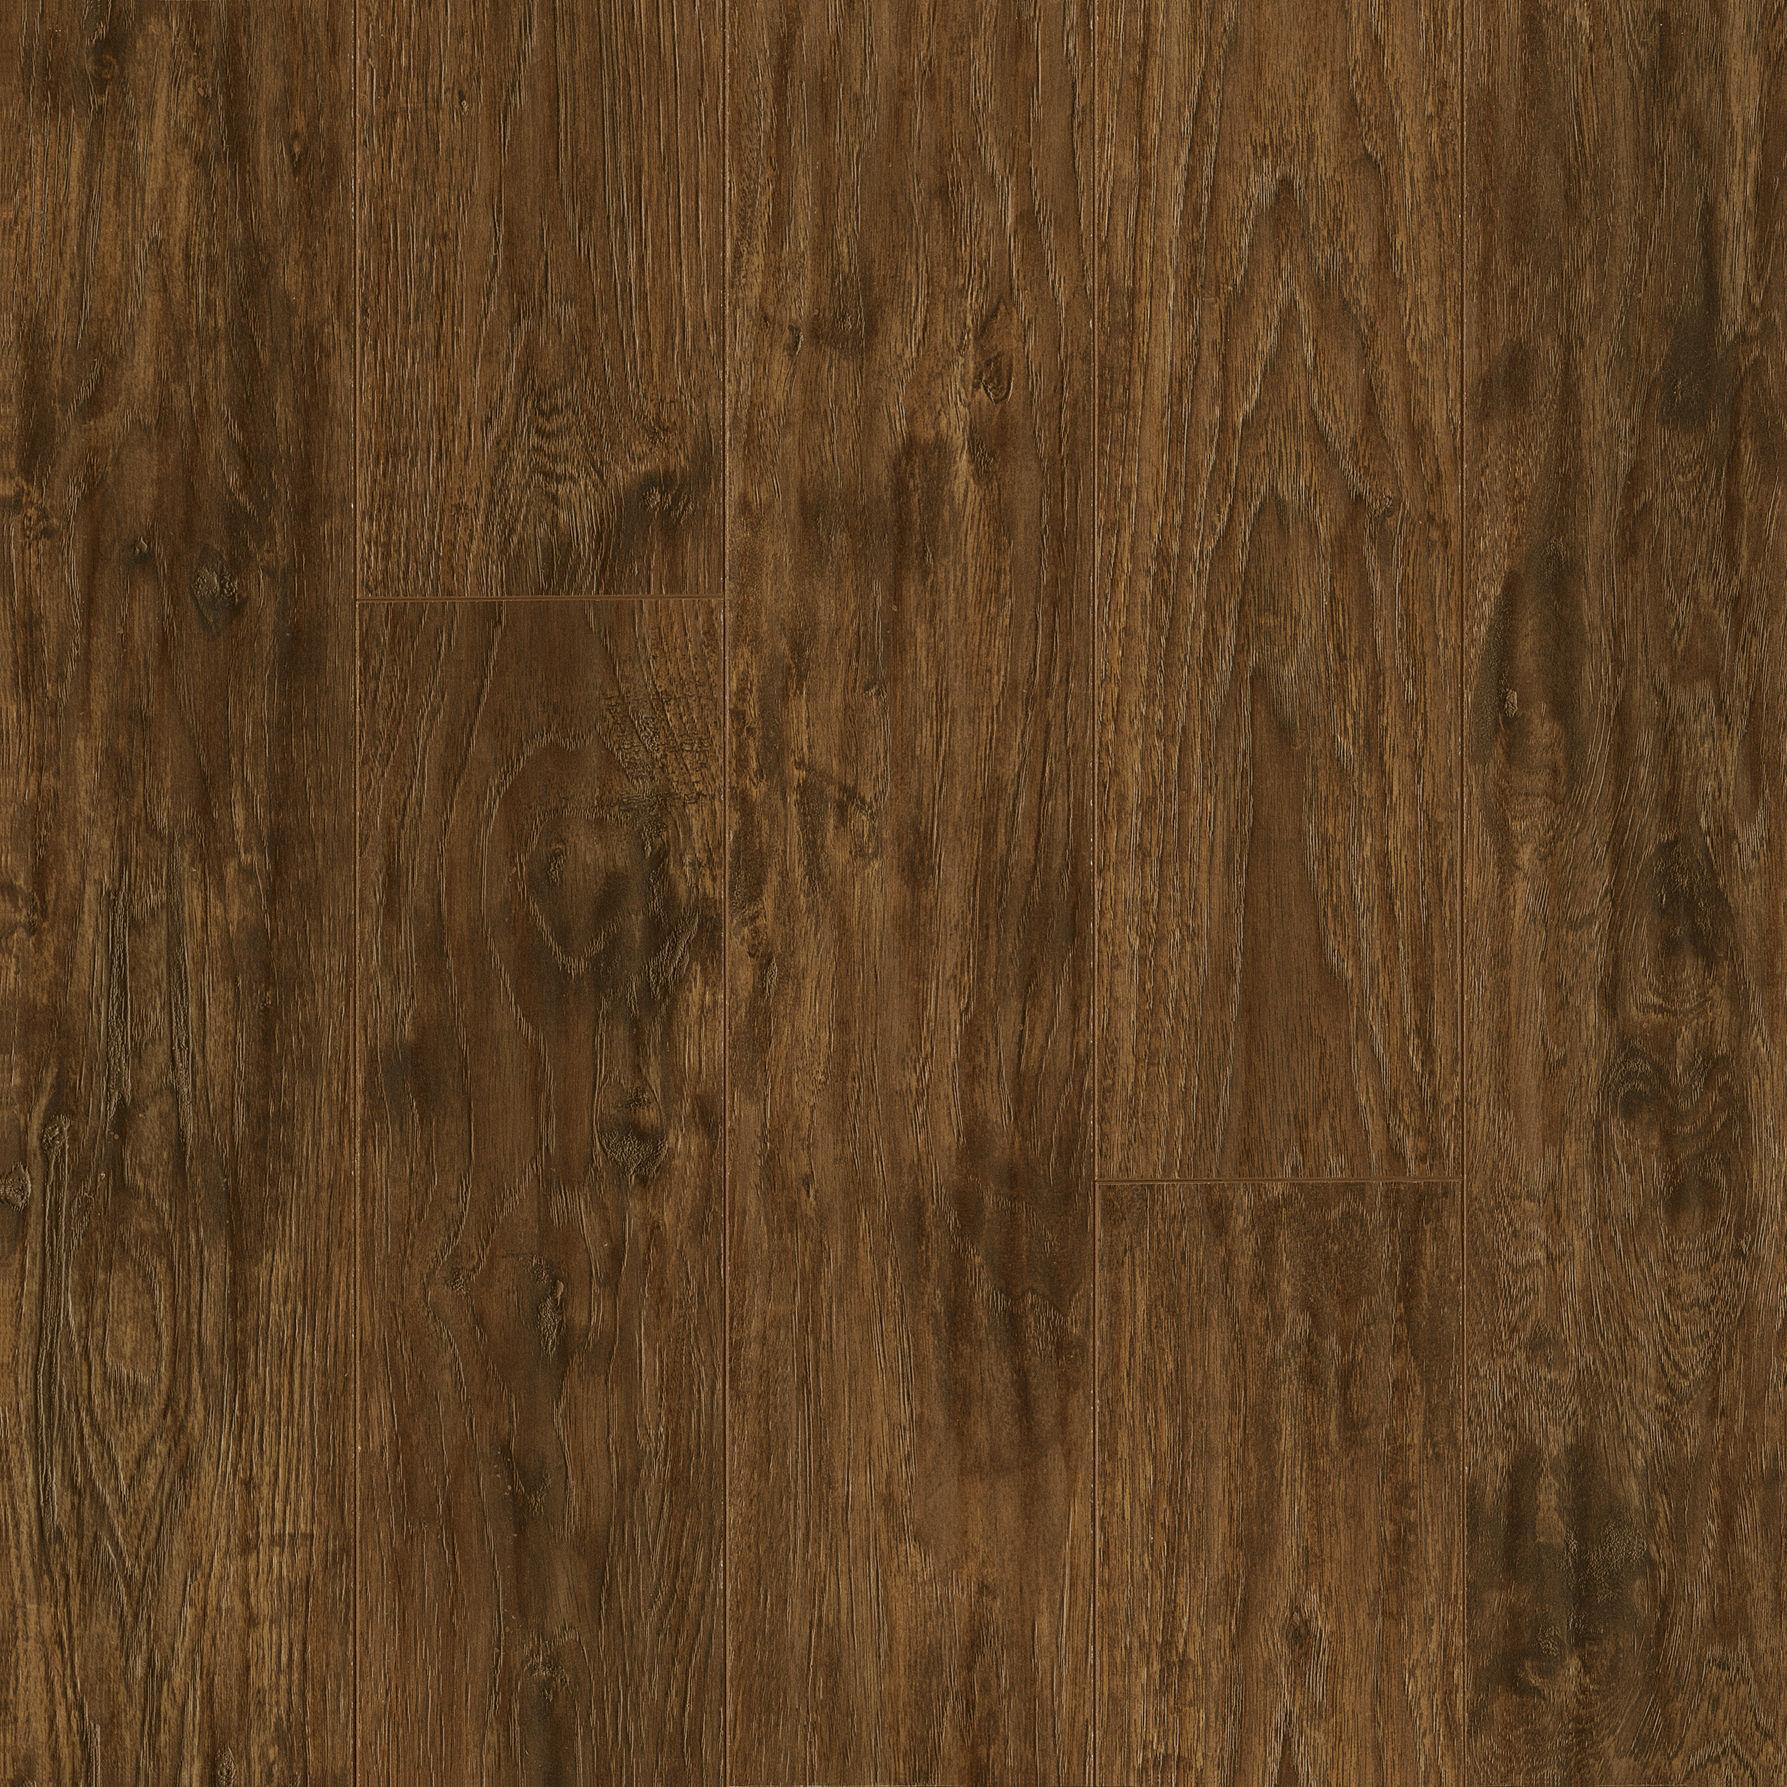 Rustics Premium Hickory